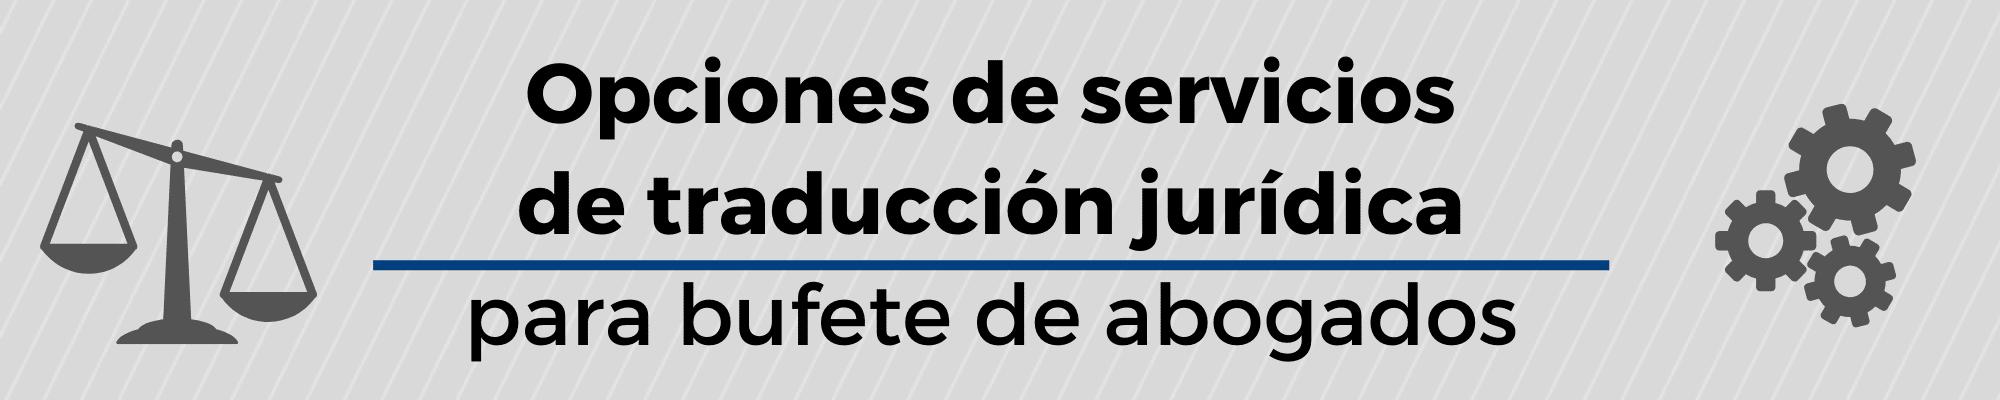 Opciones de Traducción legal para bufetes de abogados